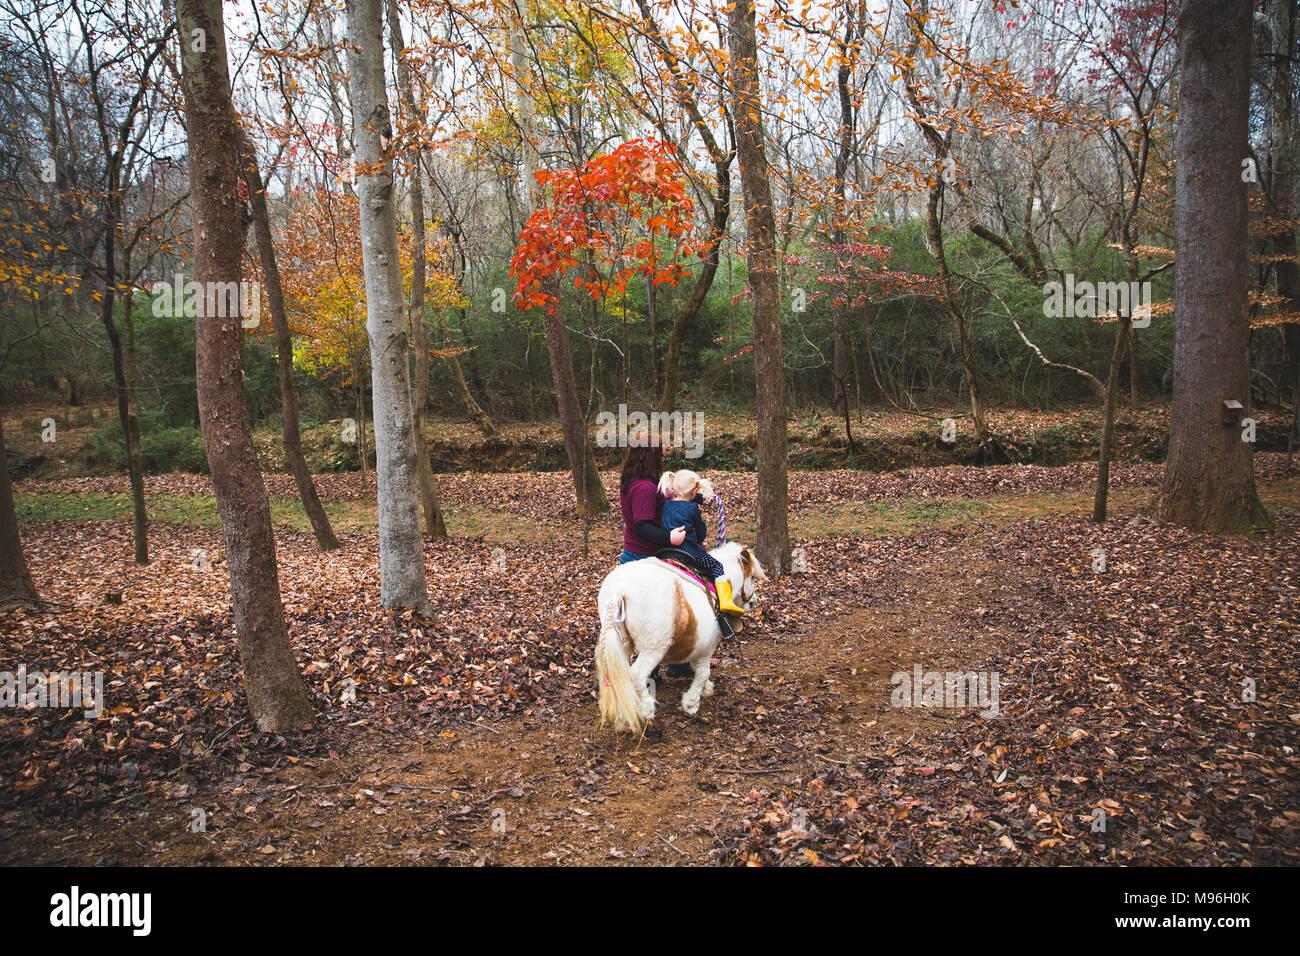 Chica siendo guiados a caballo a través de bosques Imagen De Stock